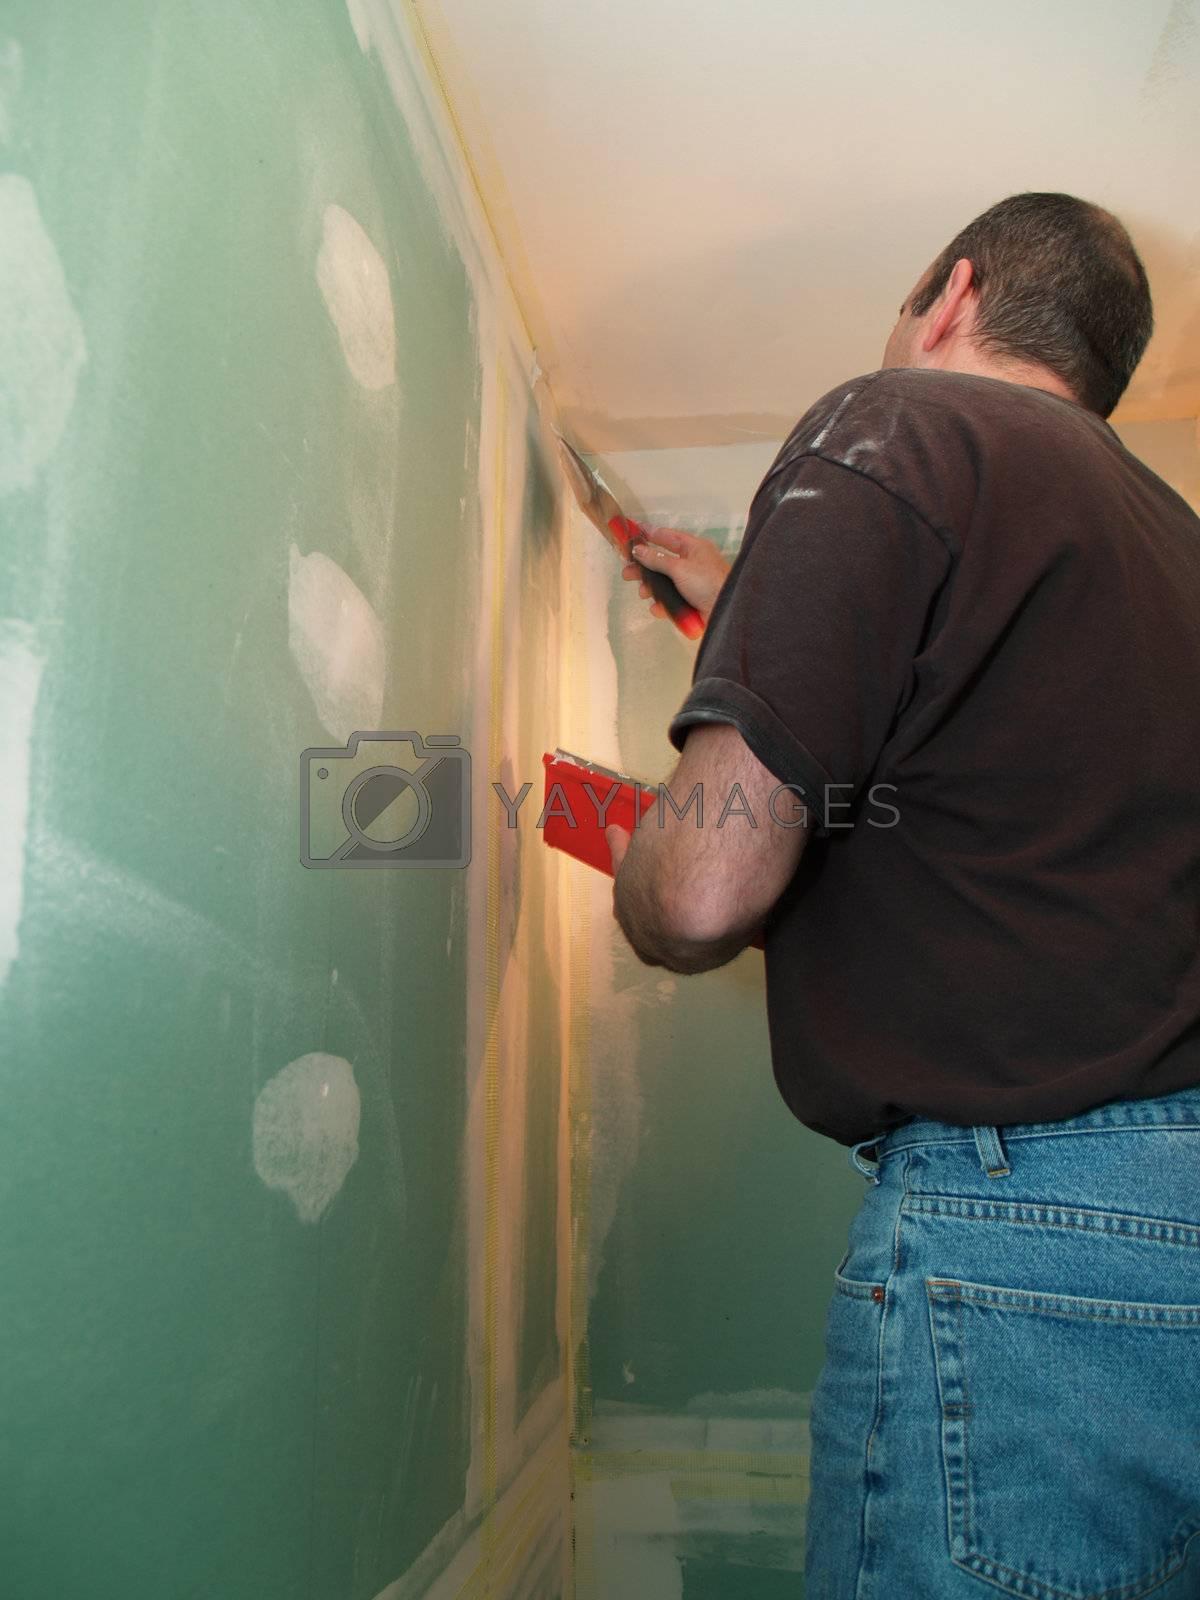 man spackling new drywall in a bathroom